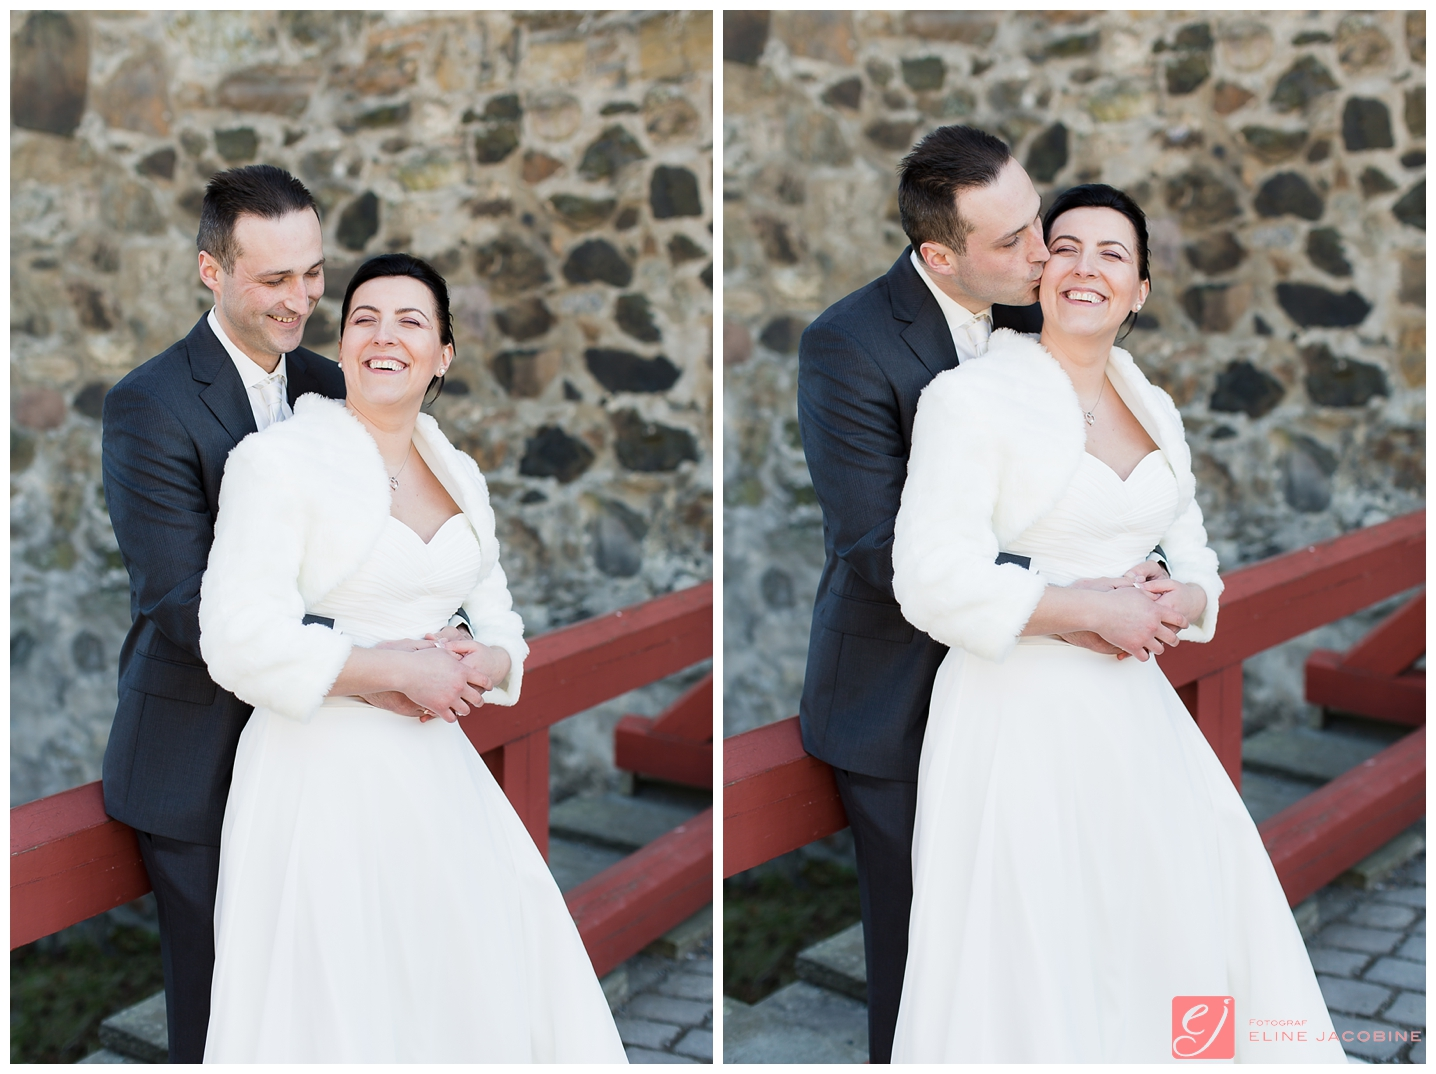 Bryllupsfotografering Akershus Festning